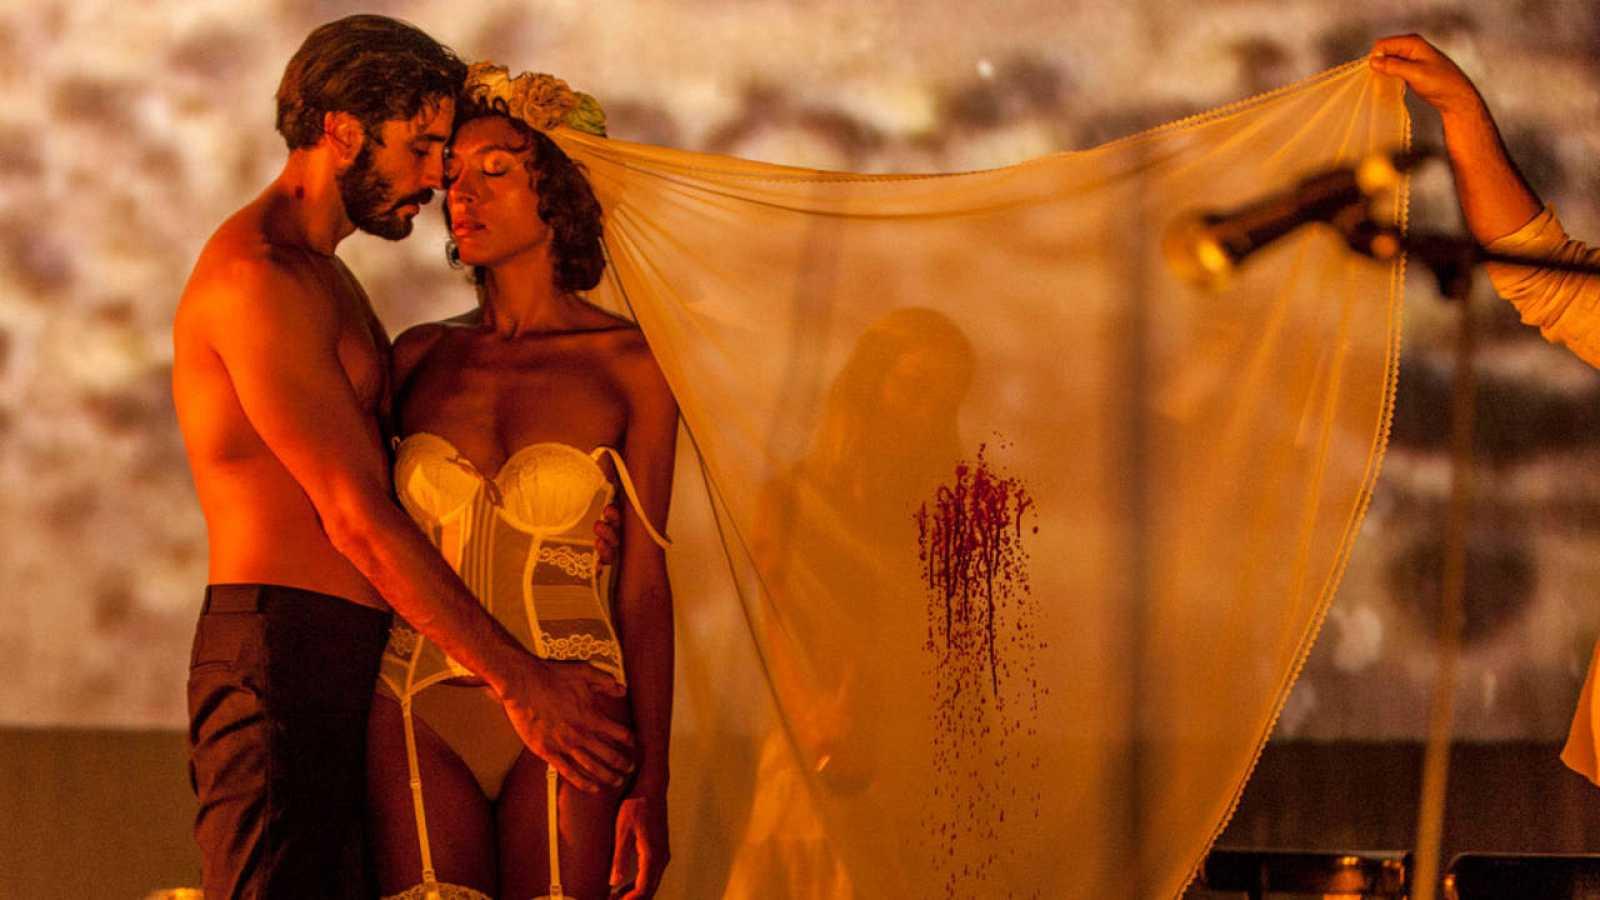 El Burlador De Sevilla Un Don Juan Erótico Y Transgresor Sorprende